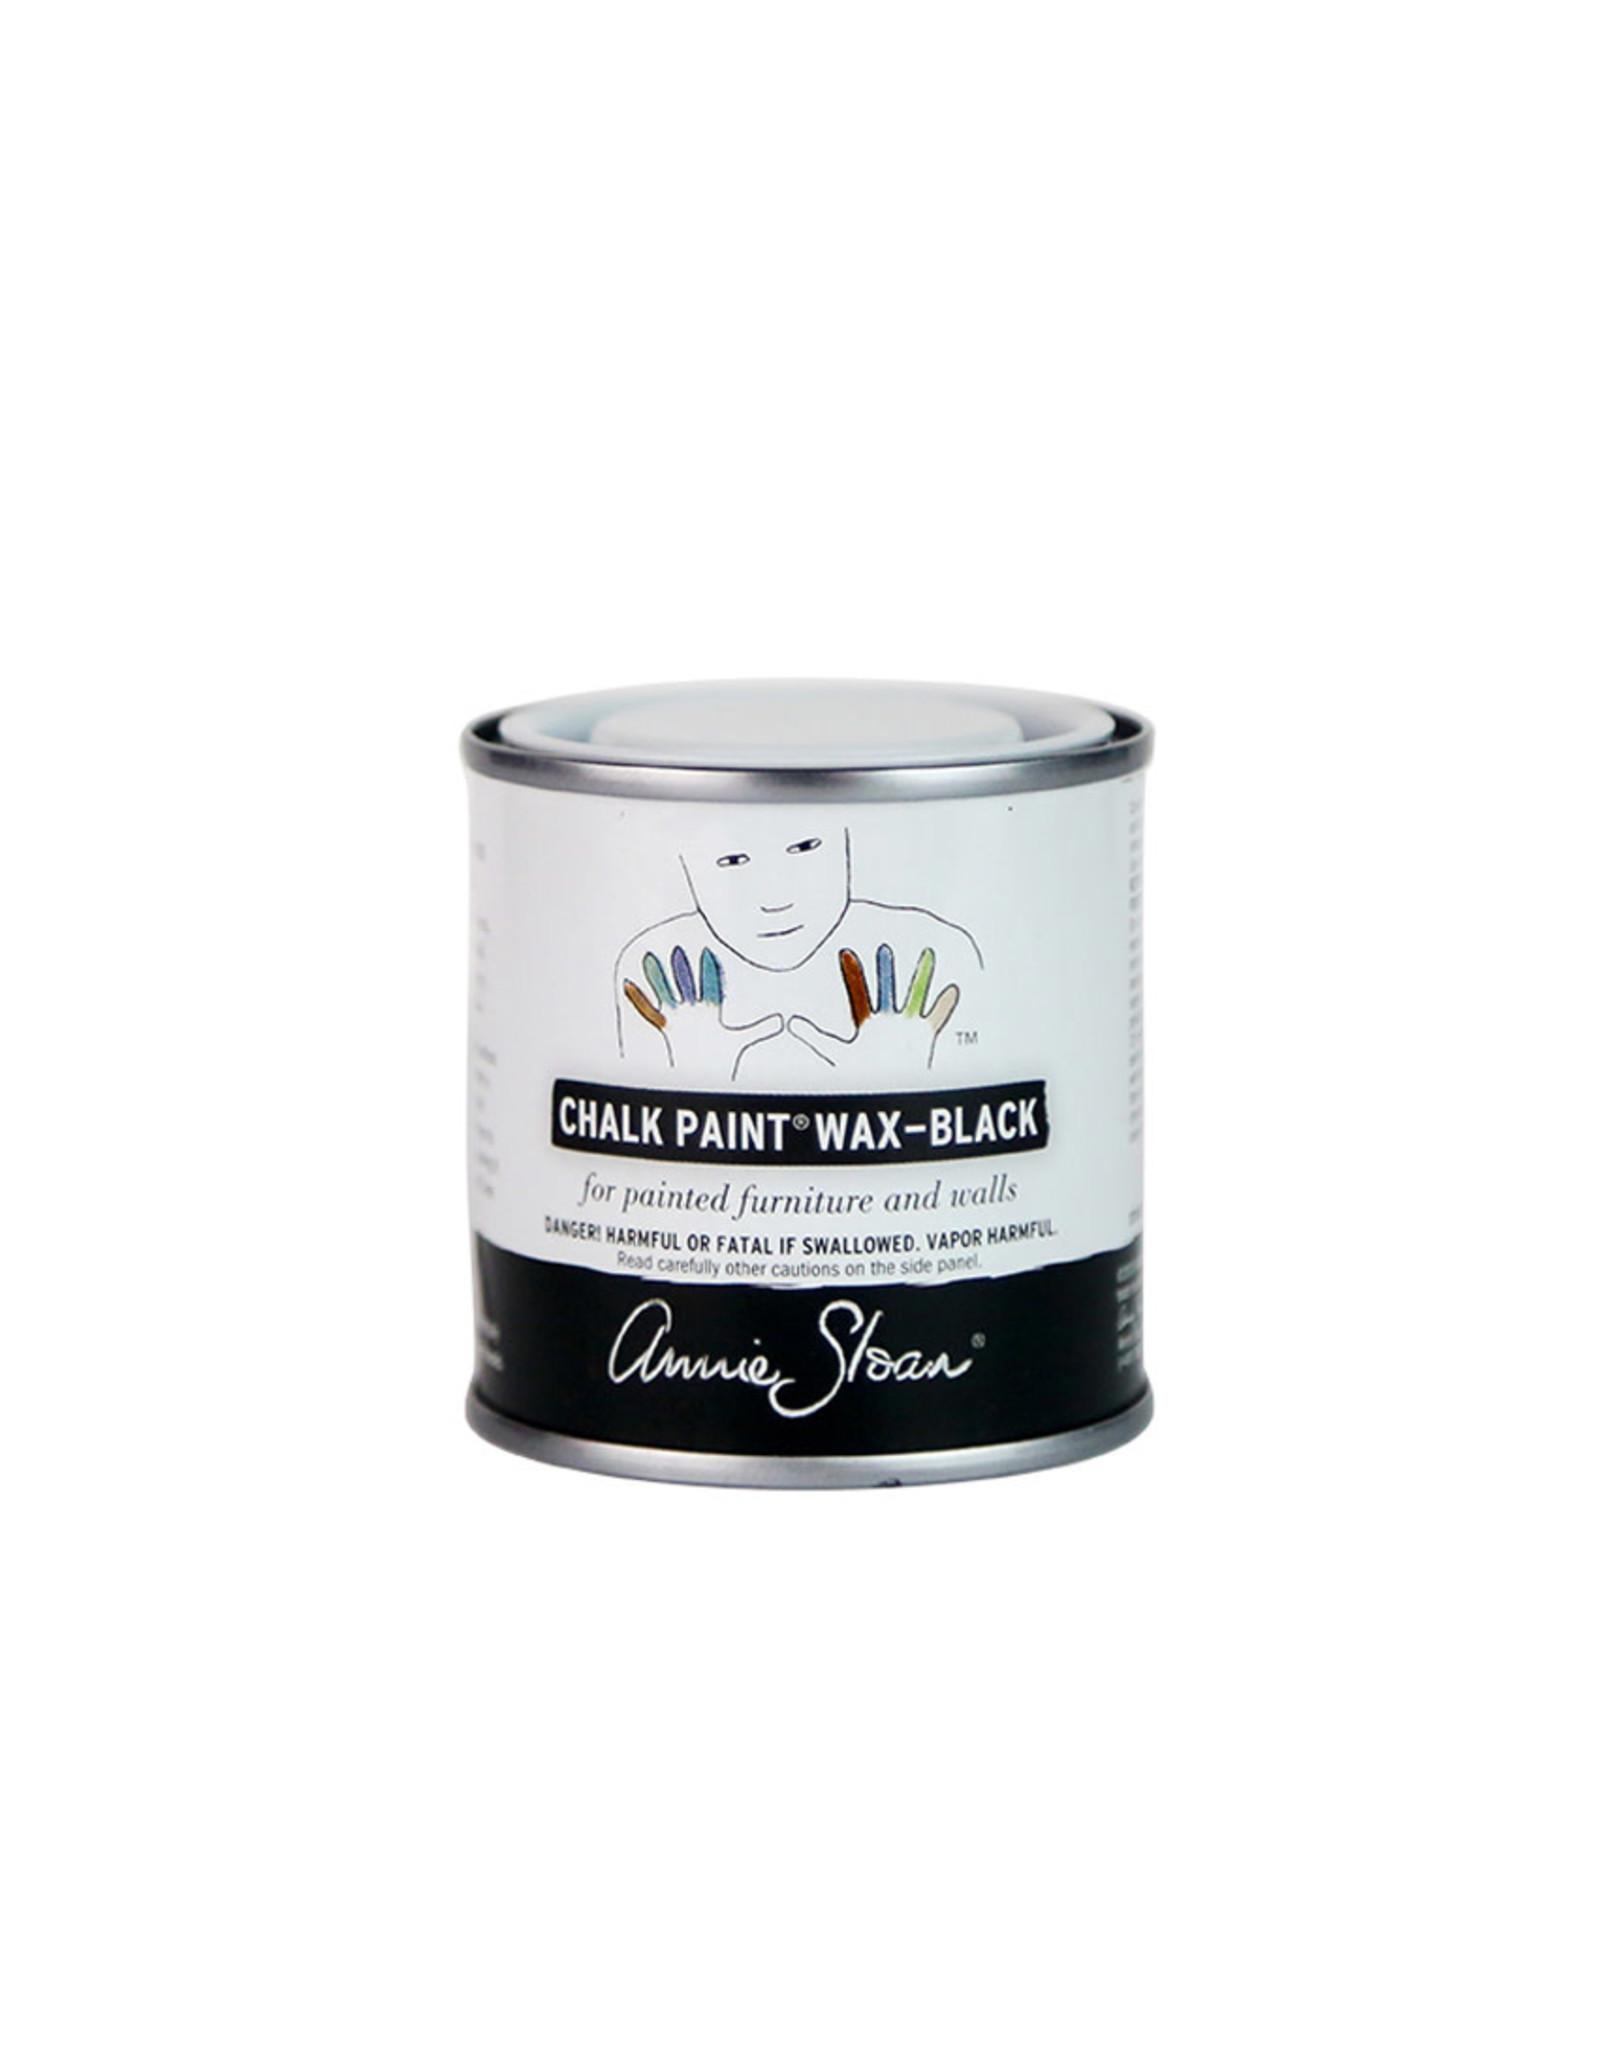 Chalk Paint Wax - Black